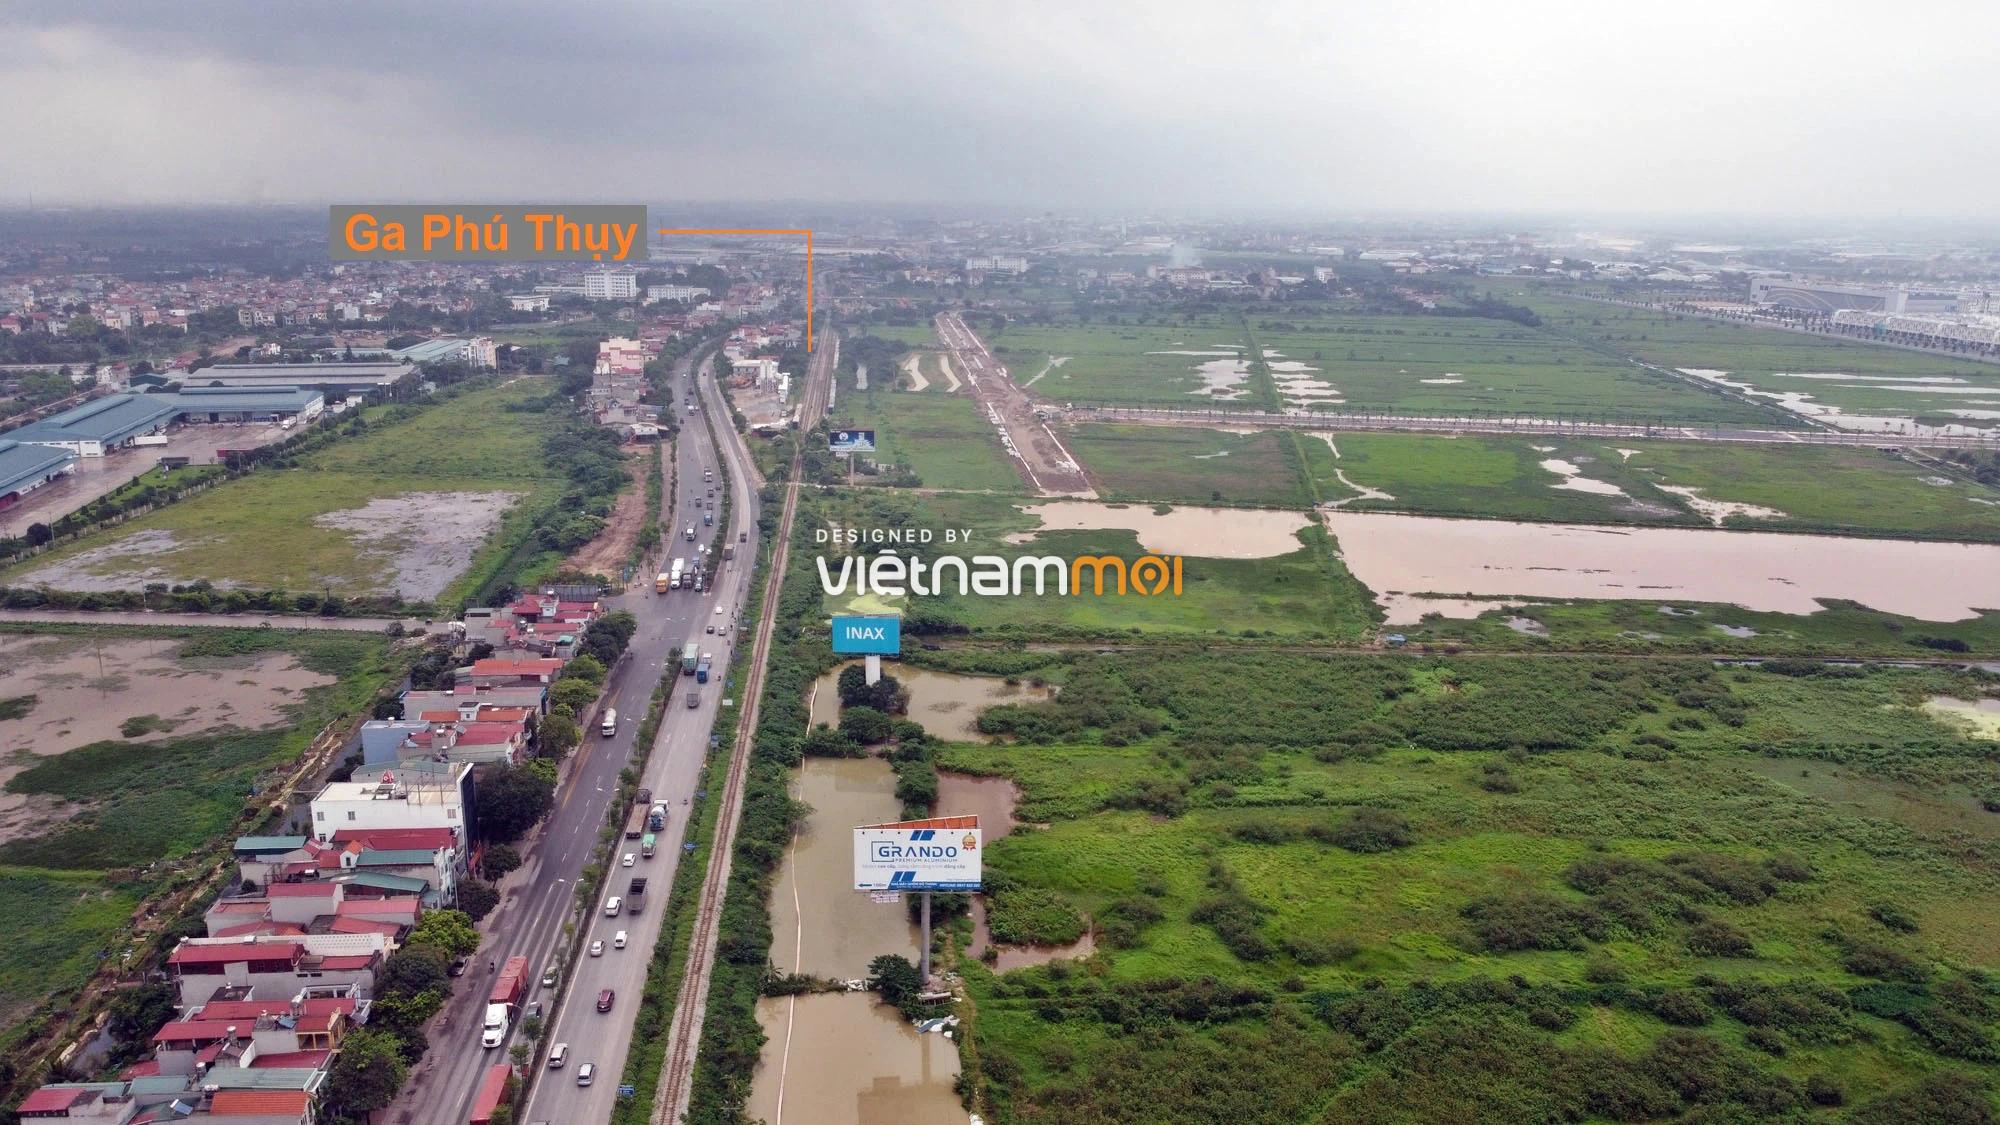 Toàn cảnh tuyến đường gom từ cầu Thanh Trì đến cầu vượt Phú Thị đang mở theo quy hoạch ở Hà Nội - Ảnh 12.